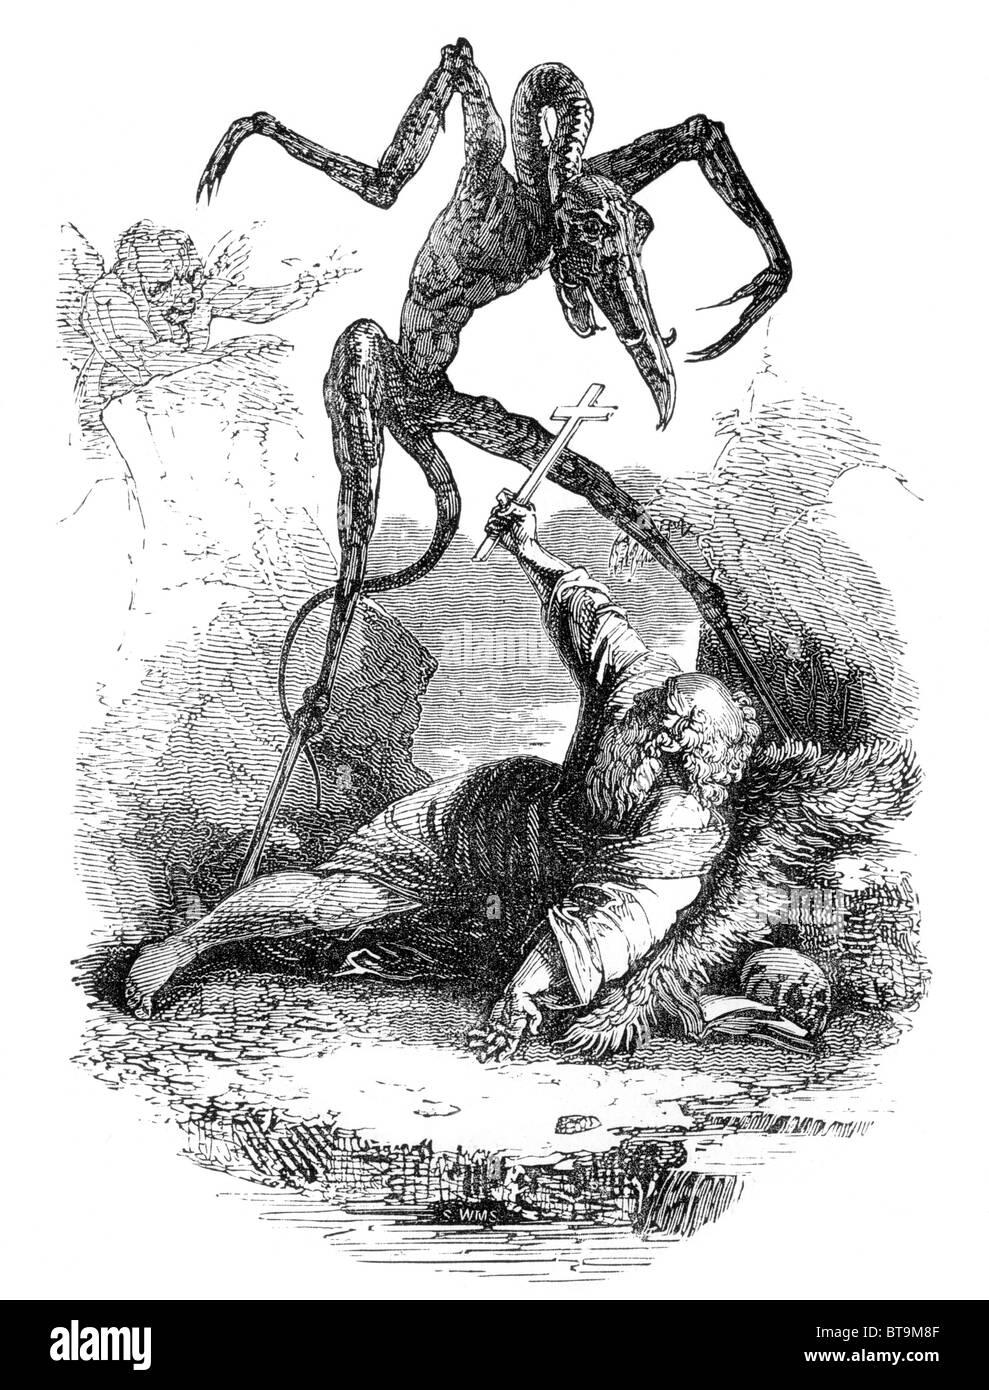 La Tentation de Saint Antoine le Grand; noir et blanc Illustration de William Hone's livre tous les jours Photo Stock